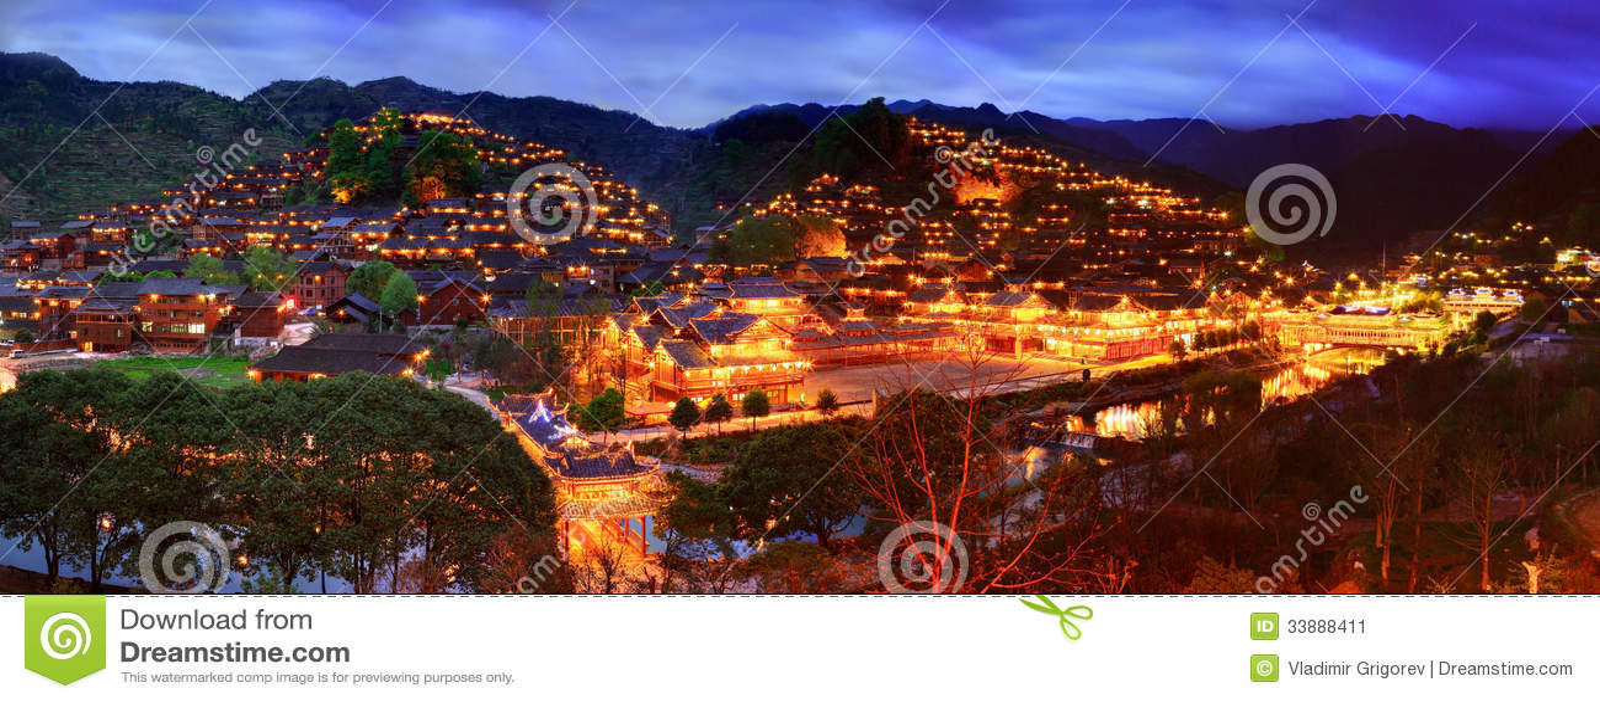 Noc widok wielka etniczna wioska w Południowo-zachodni Chiny.